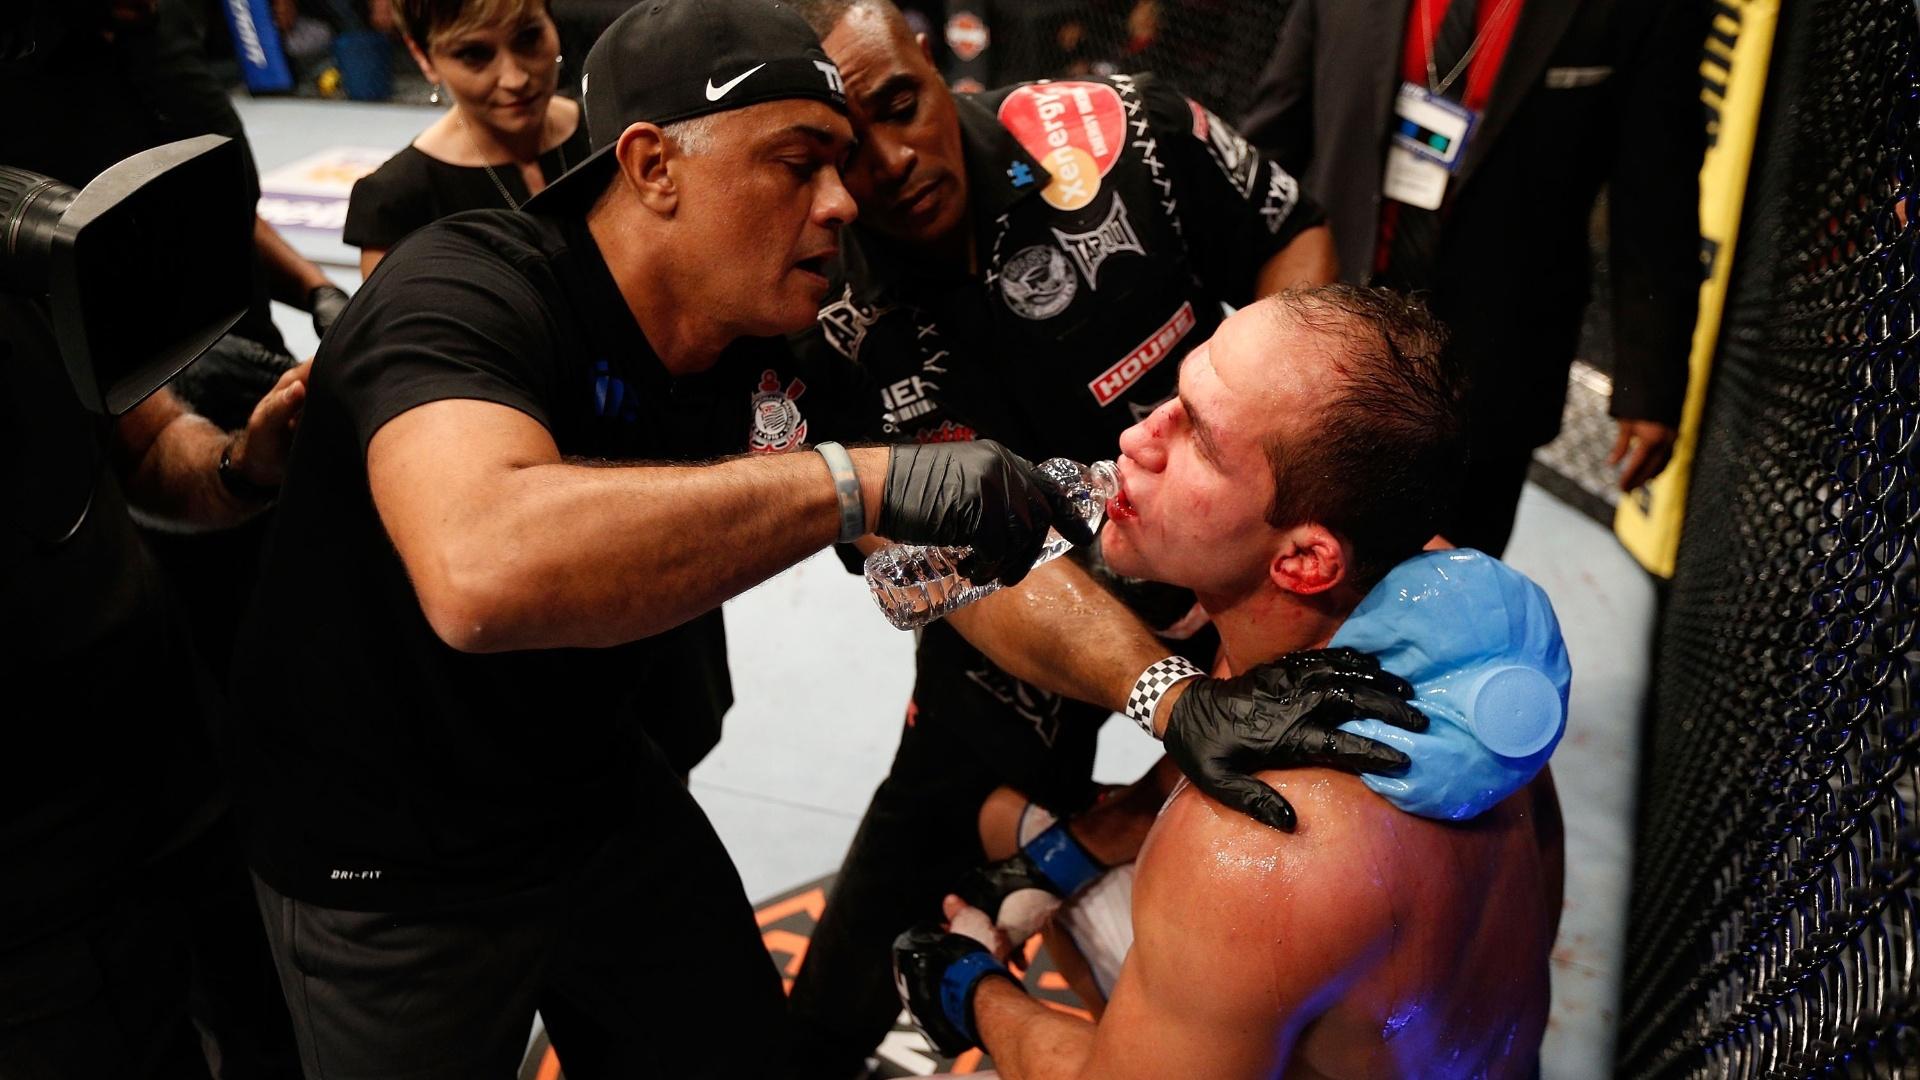 Cigano recebe atendimento durante um dos intervalos da luta contra Cain Velasquez, que acabou com nova derrota do brasileiro